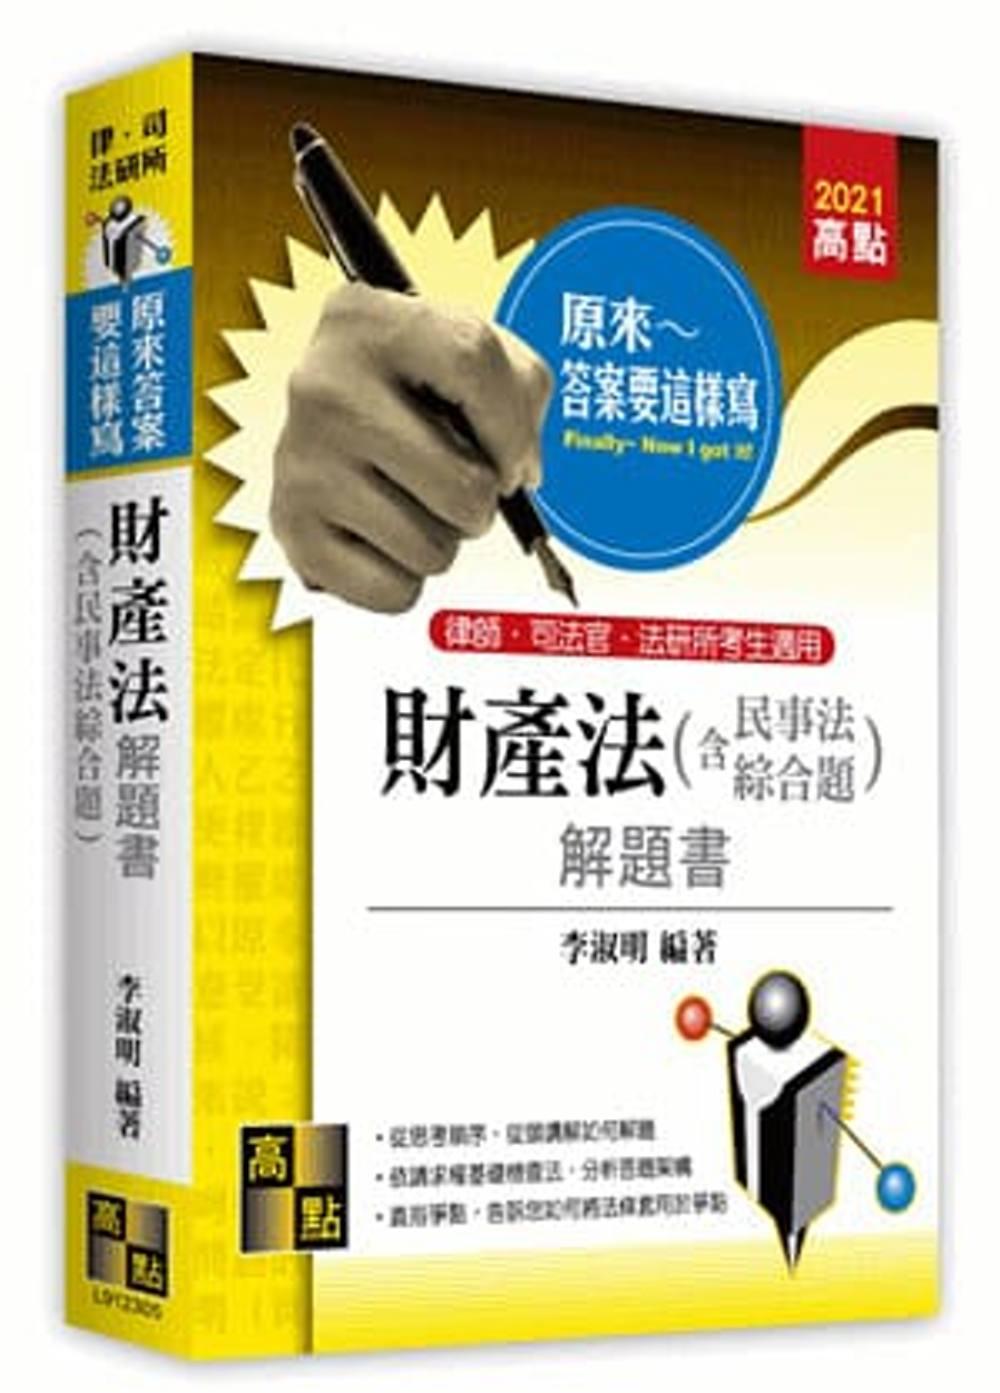 財產法(含民事法綜合題)解題書